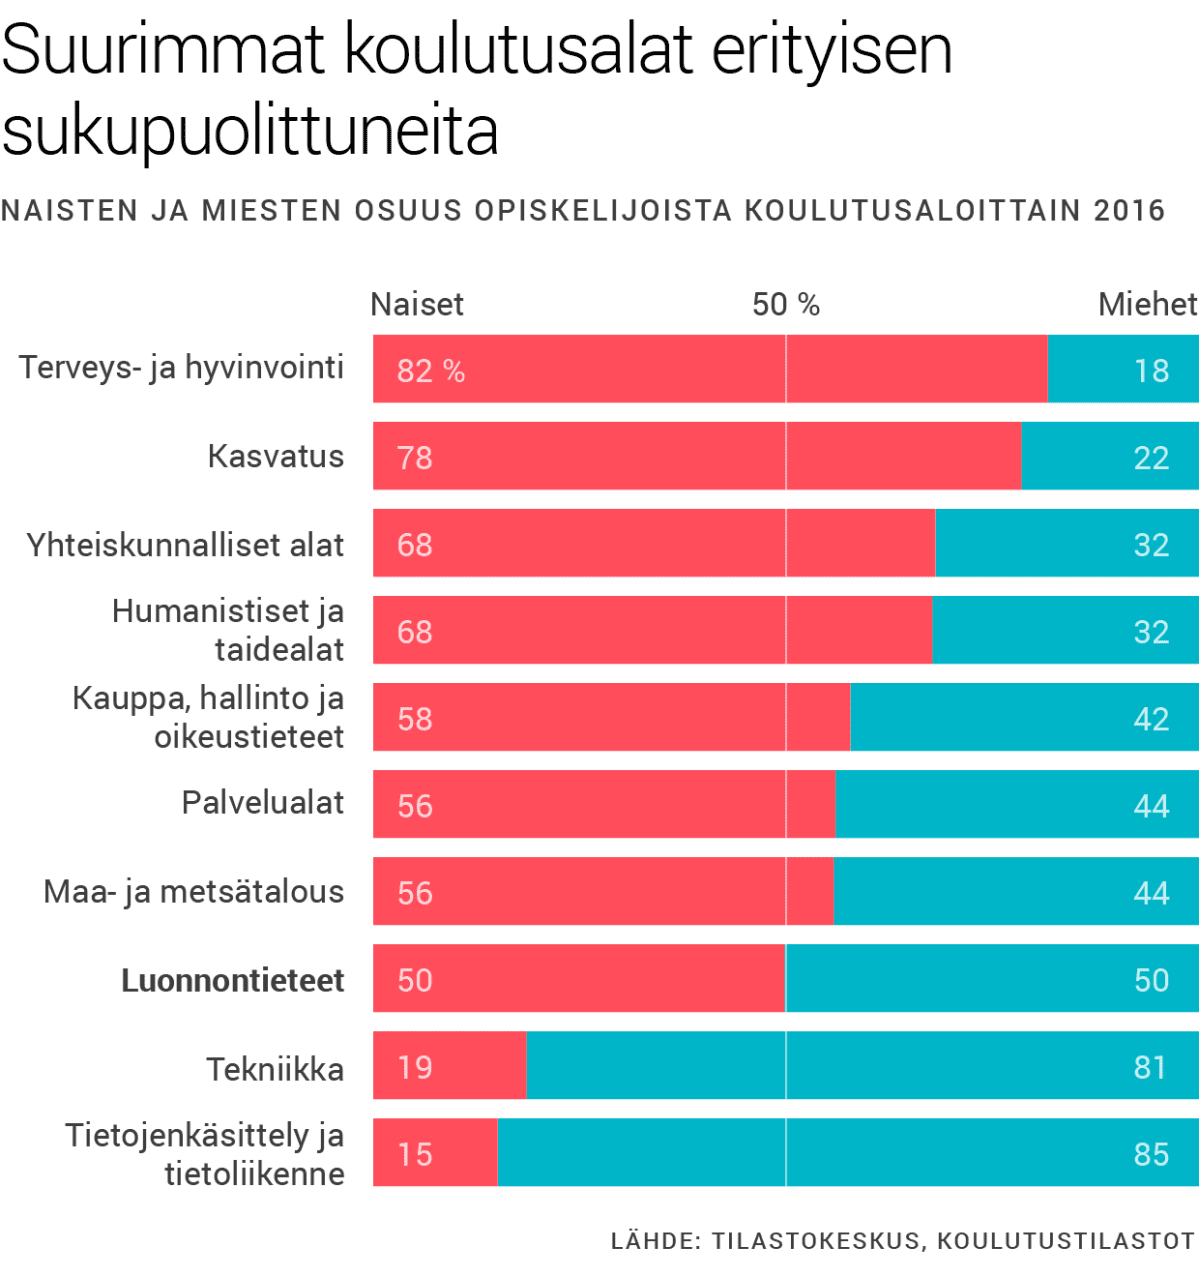 Suurimmat koulutusalat erityisen sukupuolittuneita. Naisten ja miesten osuus opiskelijoista koulutusaloittain 2016.